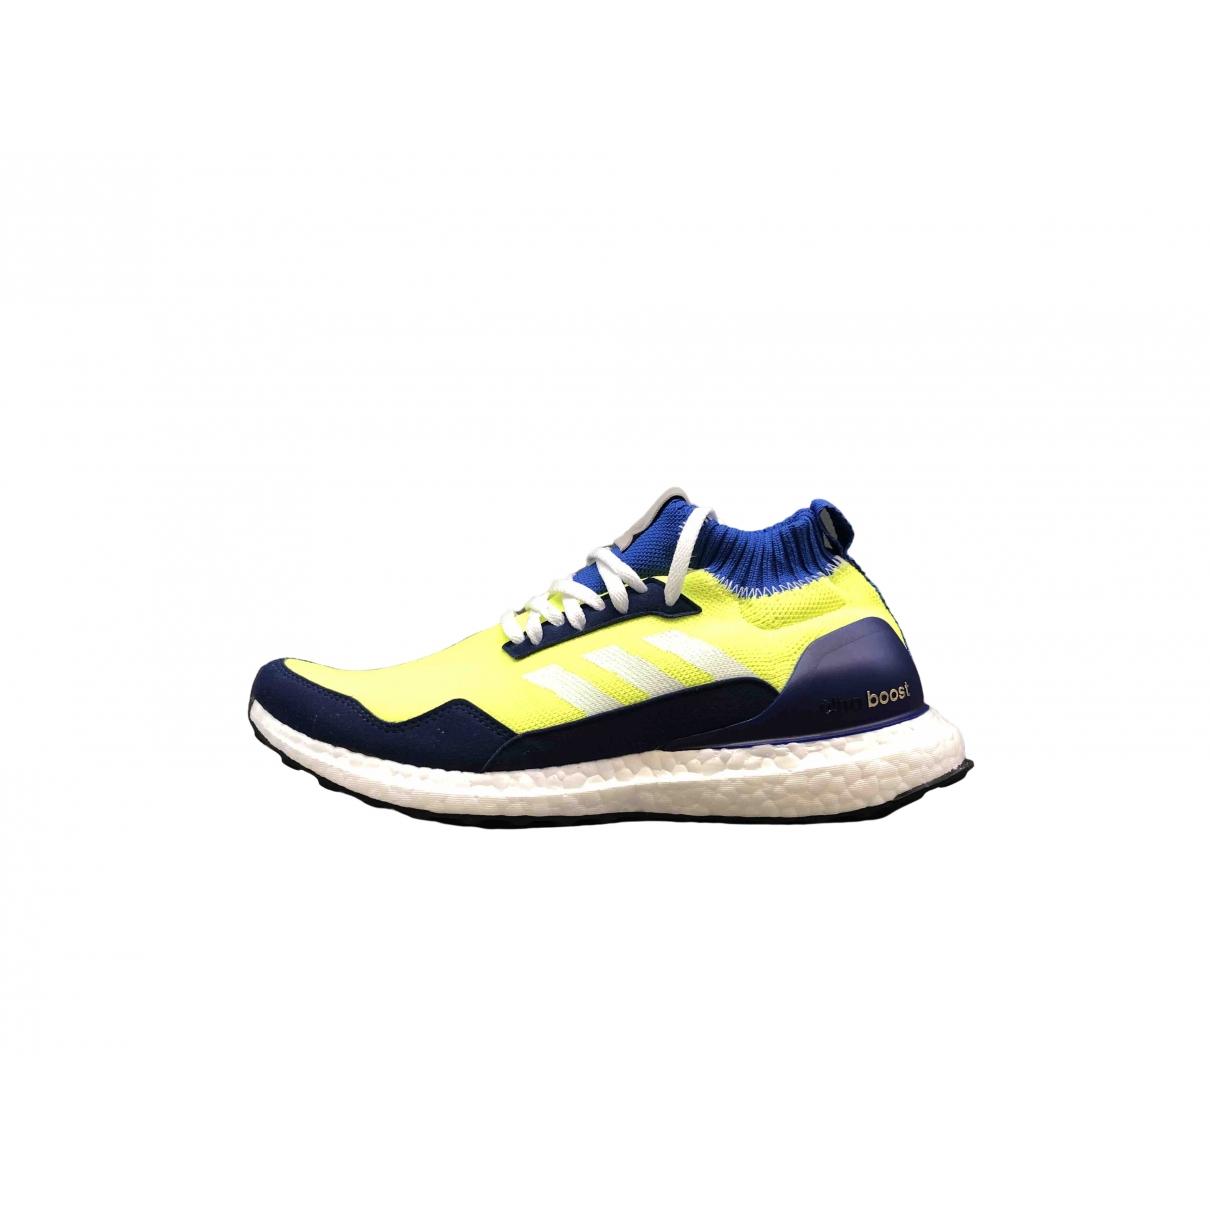 Adidas - Baskets Ultraboost pour homme en toile - jaune